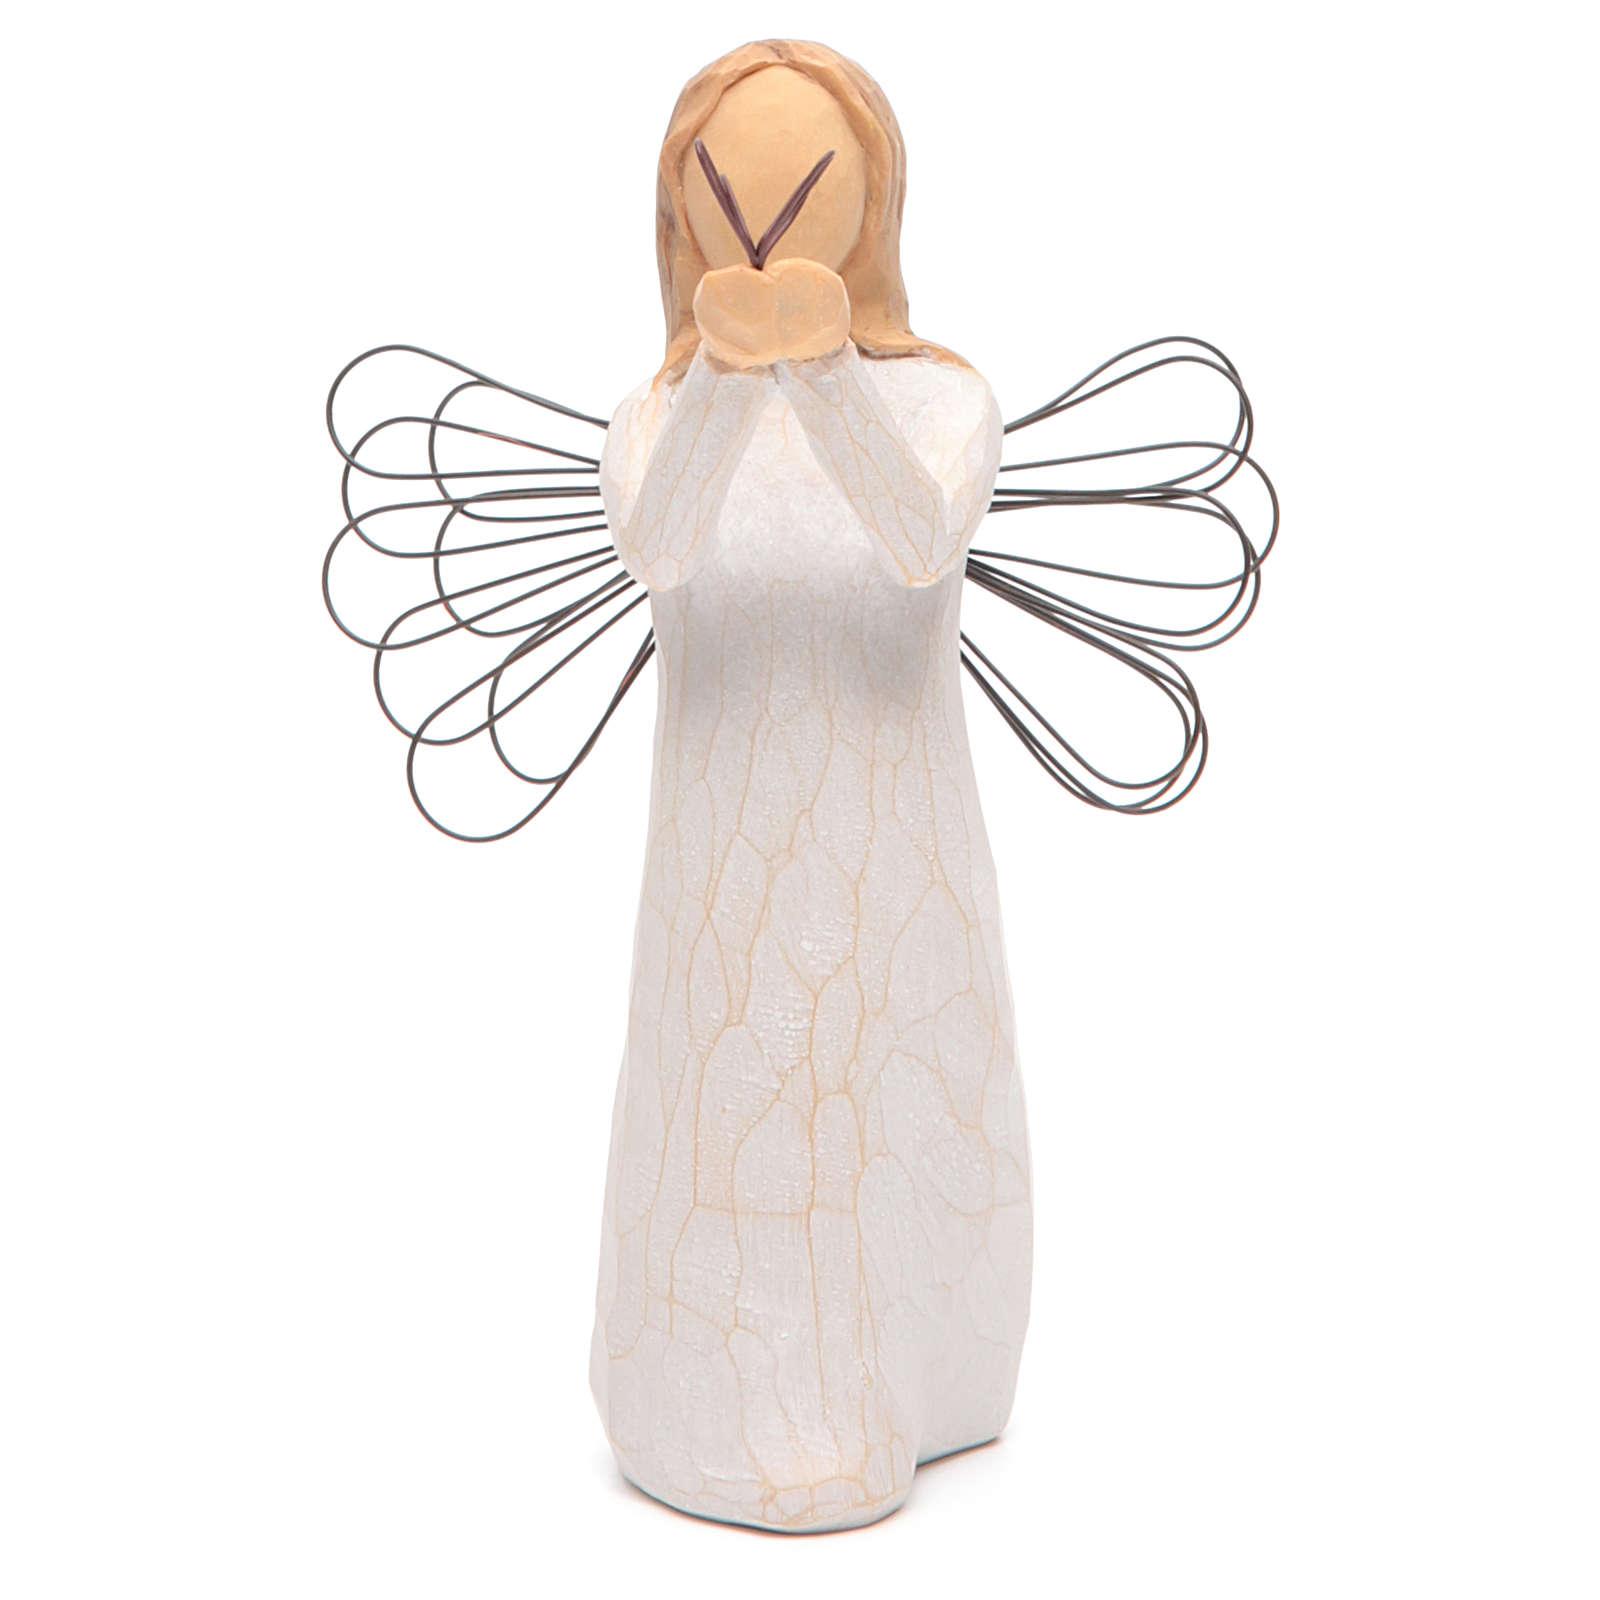 Willow Tree - Angel of Freedom (angelo della libertà) 4